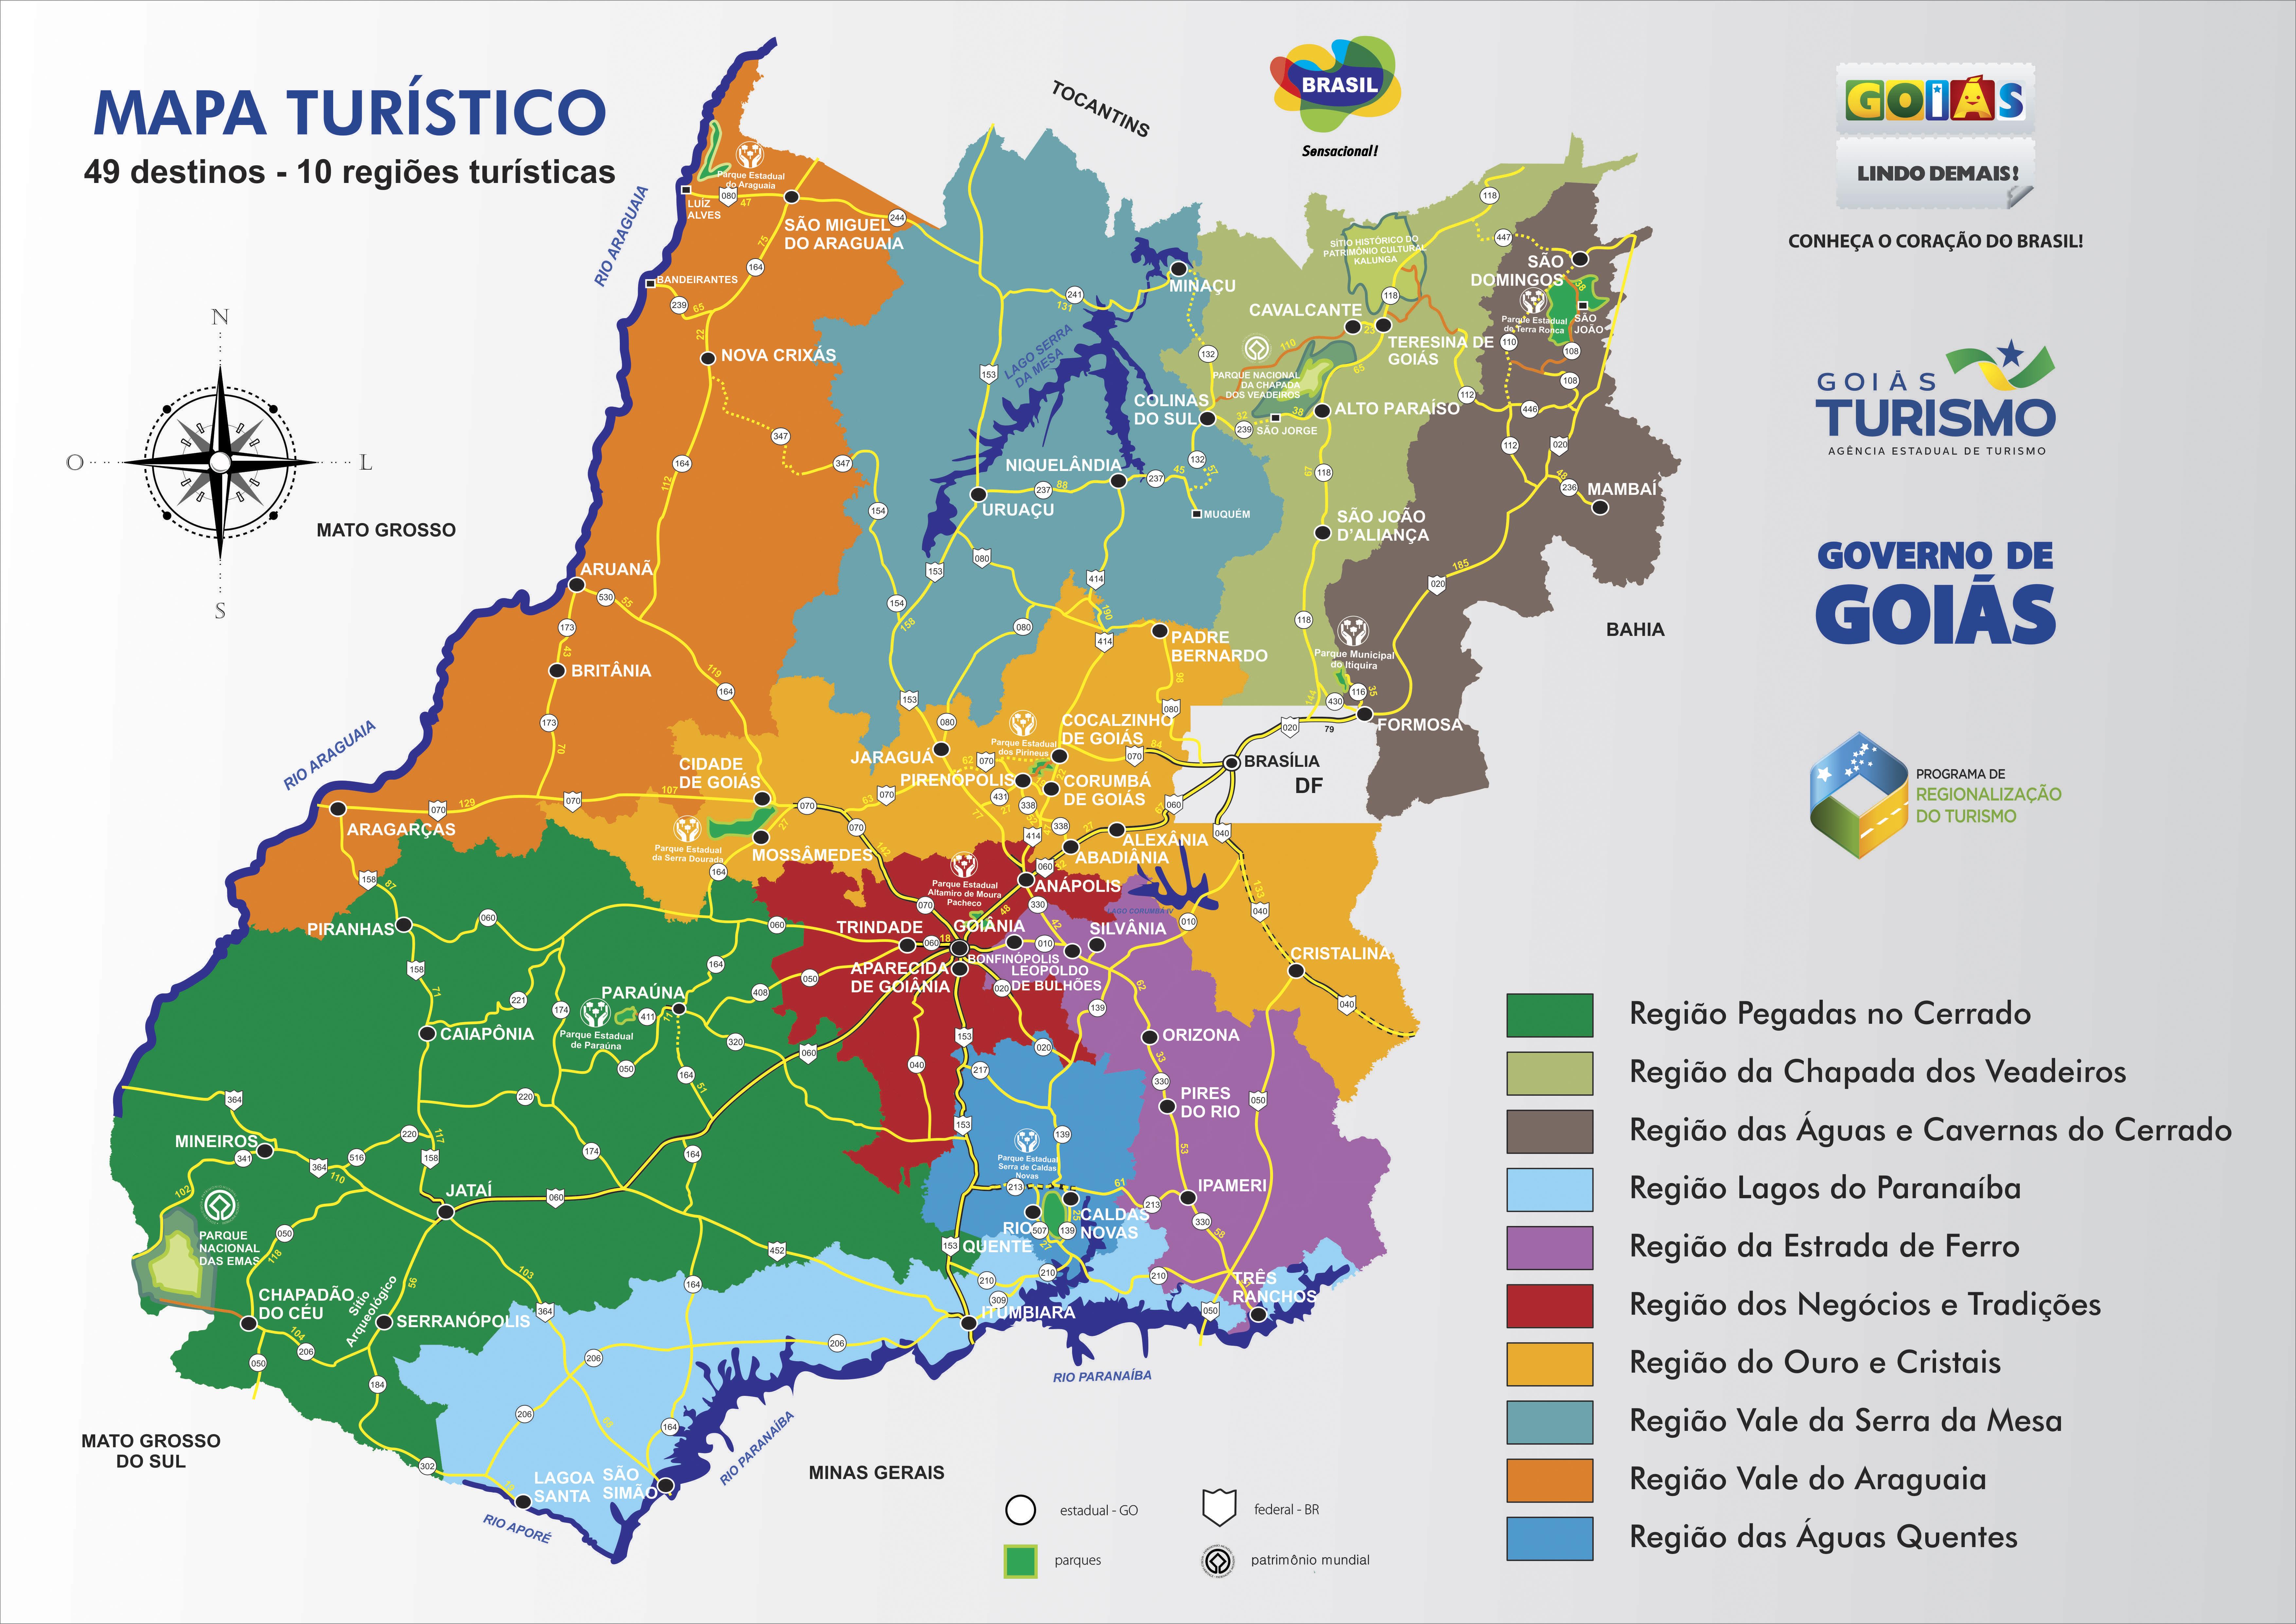 Mapa De Localização De Pontos De Vetor Localização De: Pontos Turísticos De Goiás Em Novo (e Interessante) Mapa